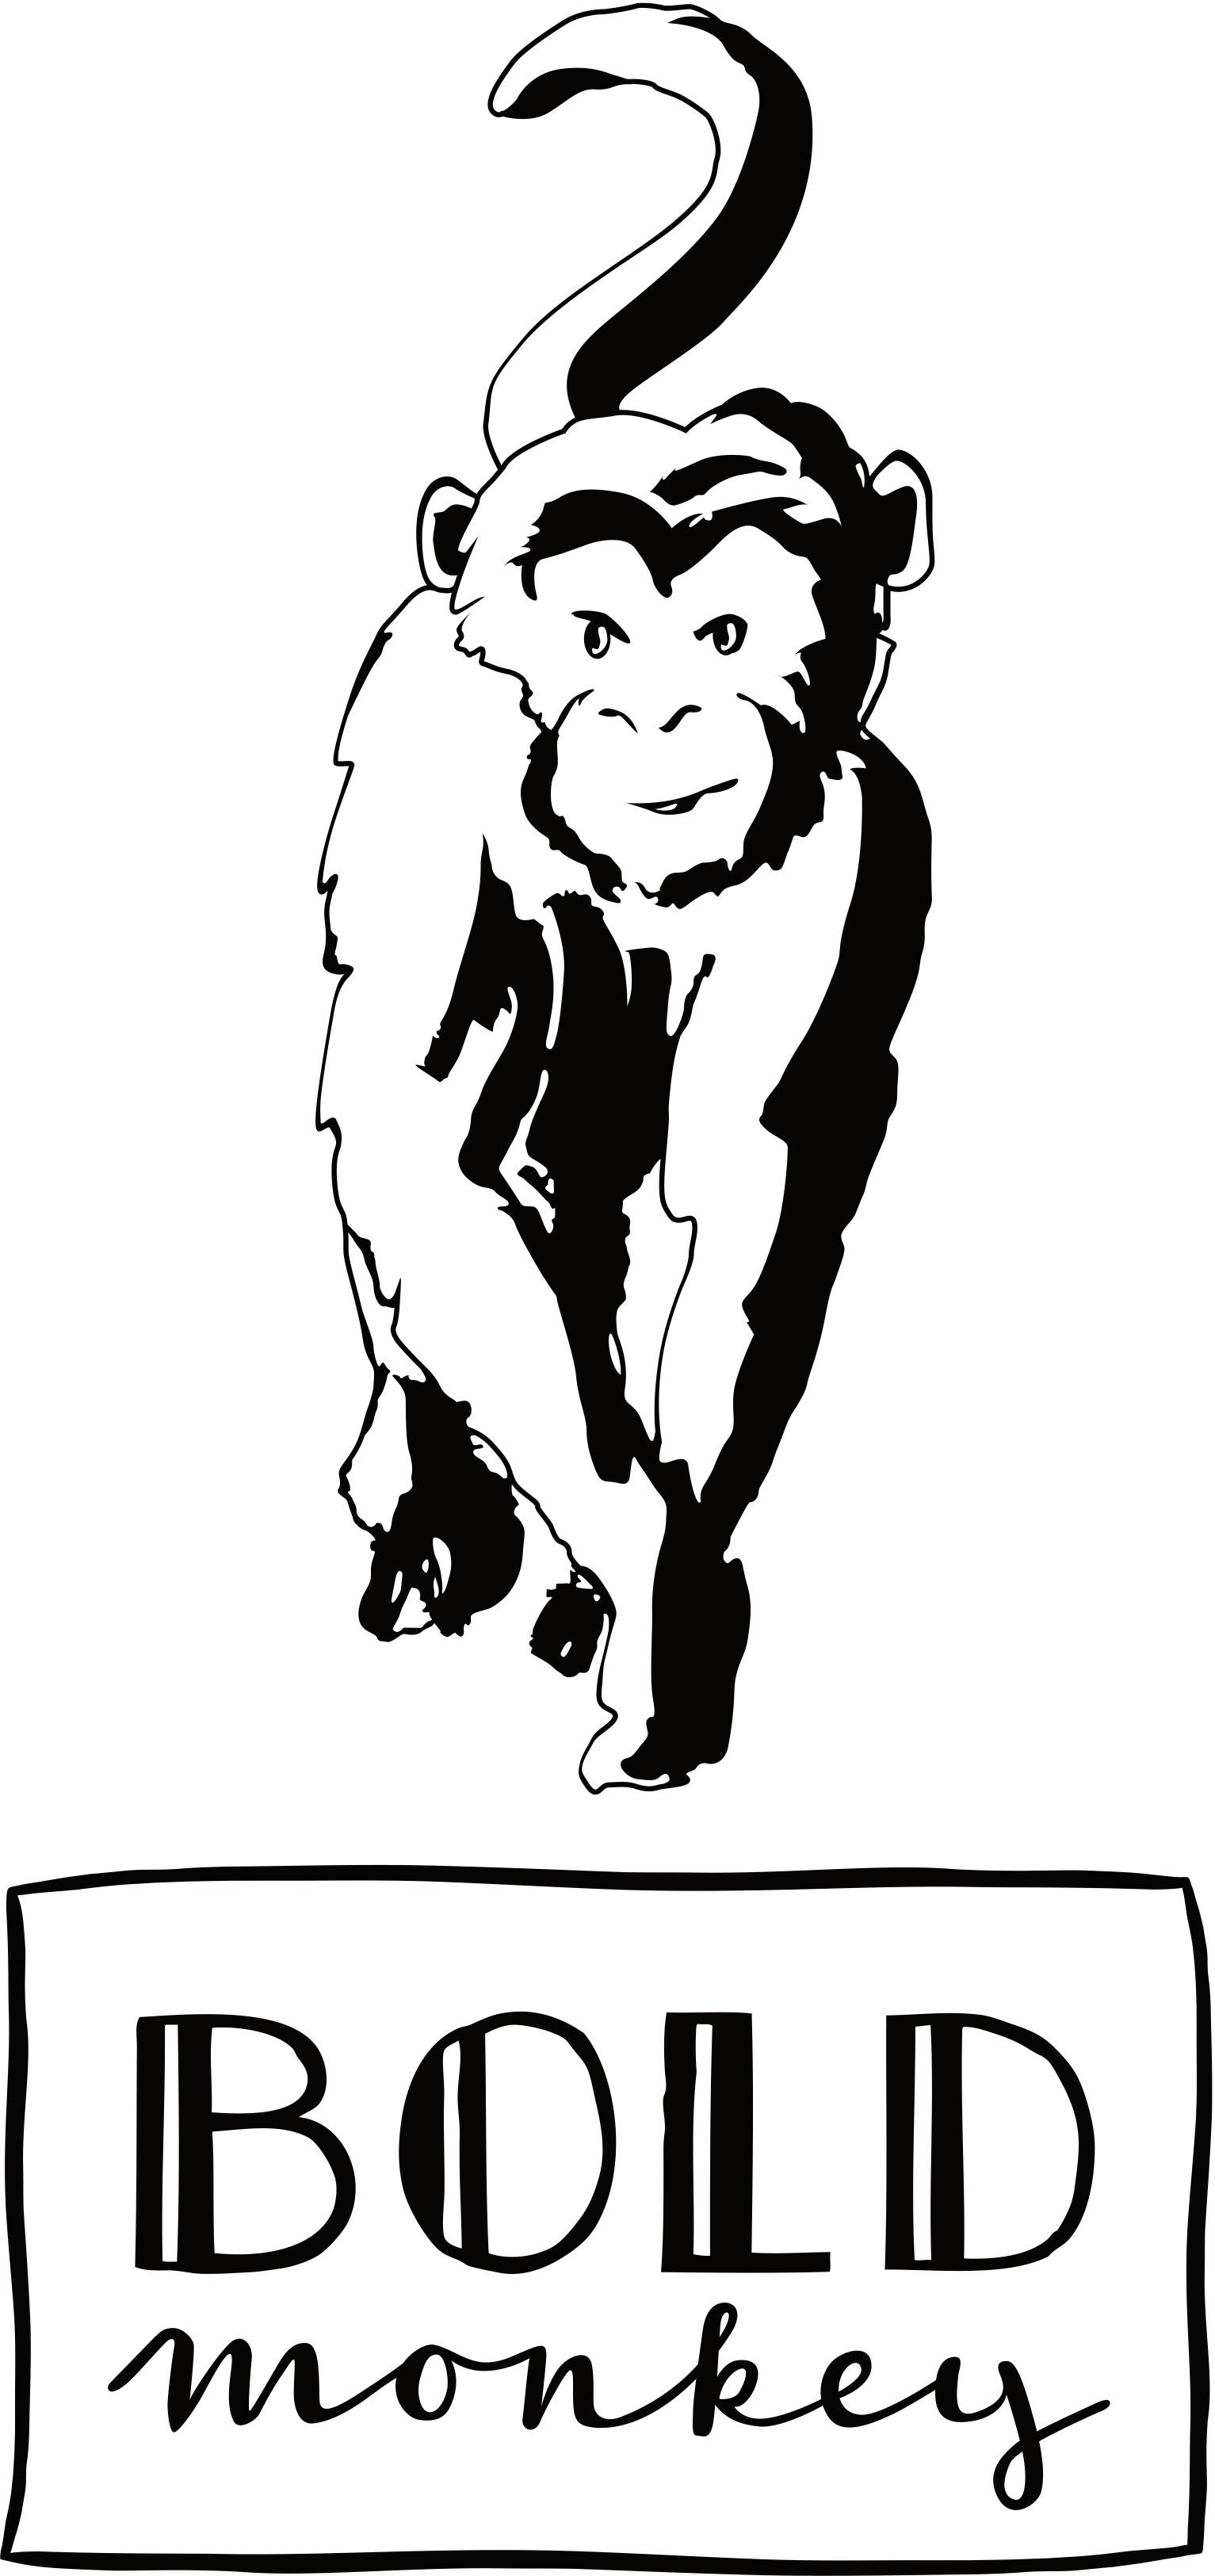 Bold Monkey I am not a croissant bank roze velvet gouden poten zijaanzicht